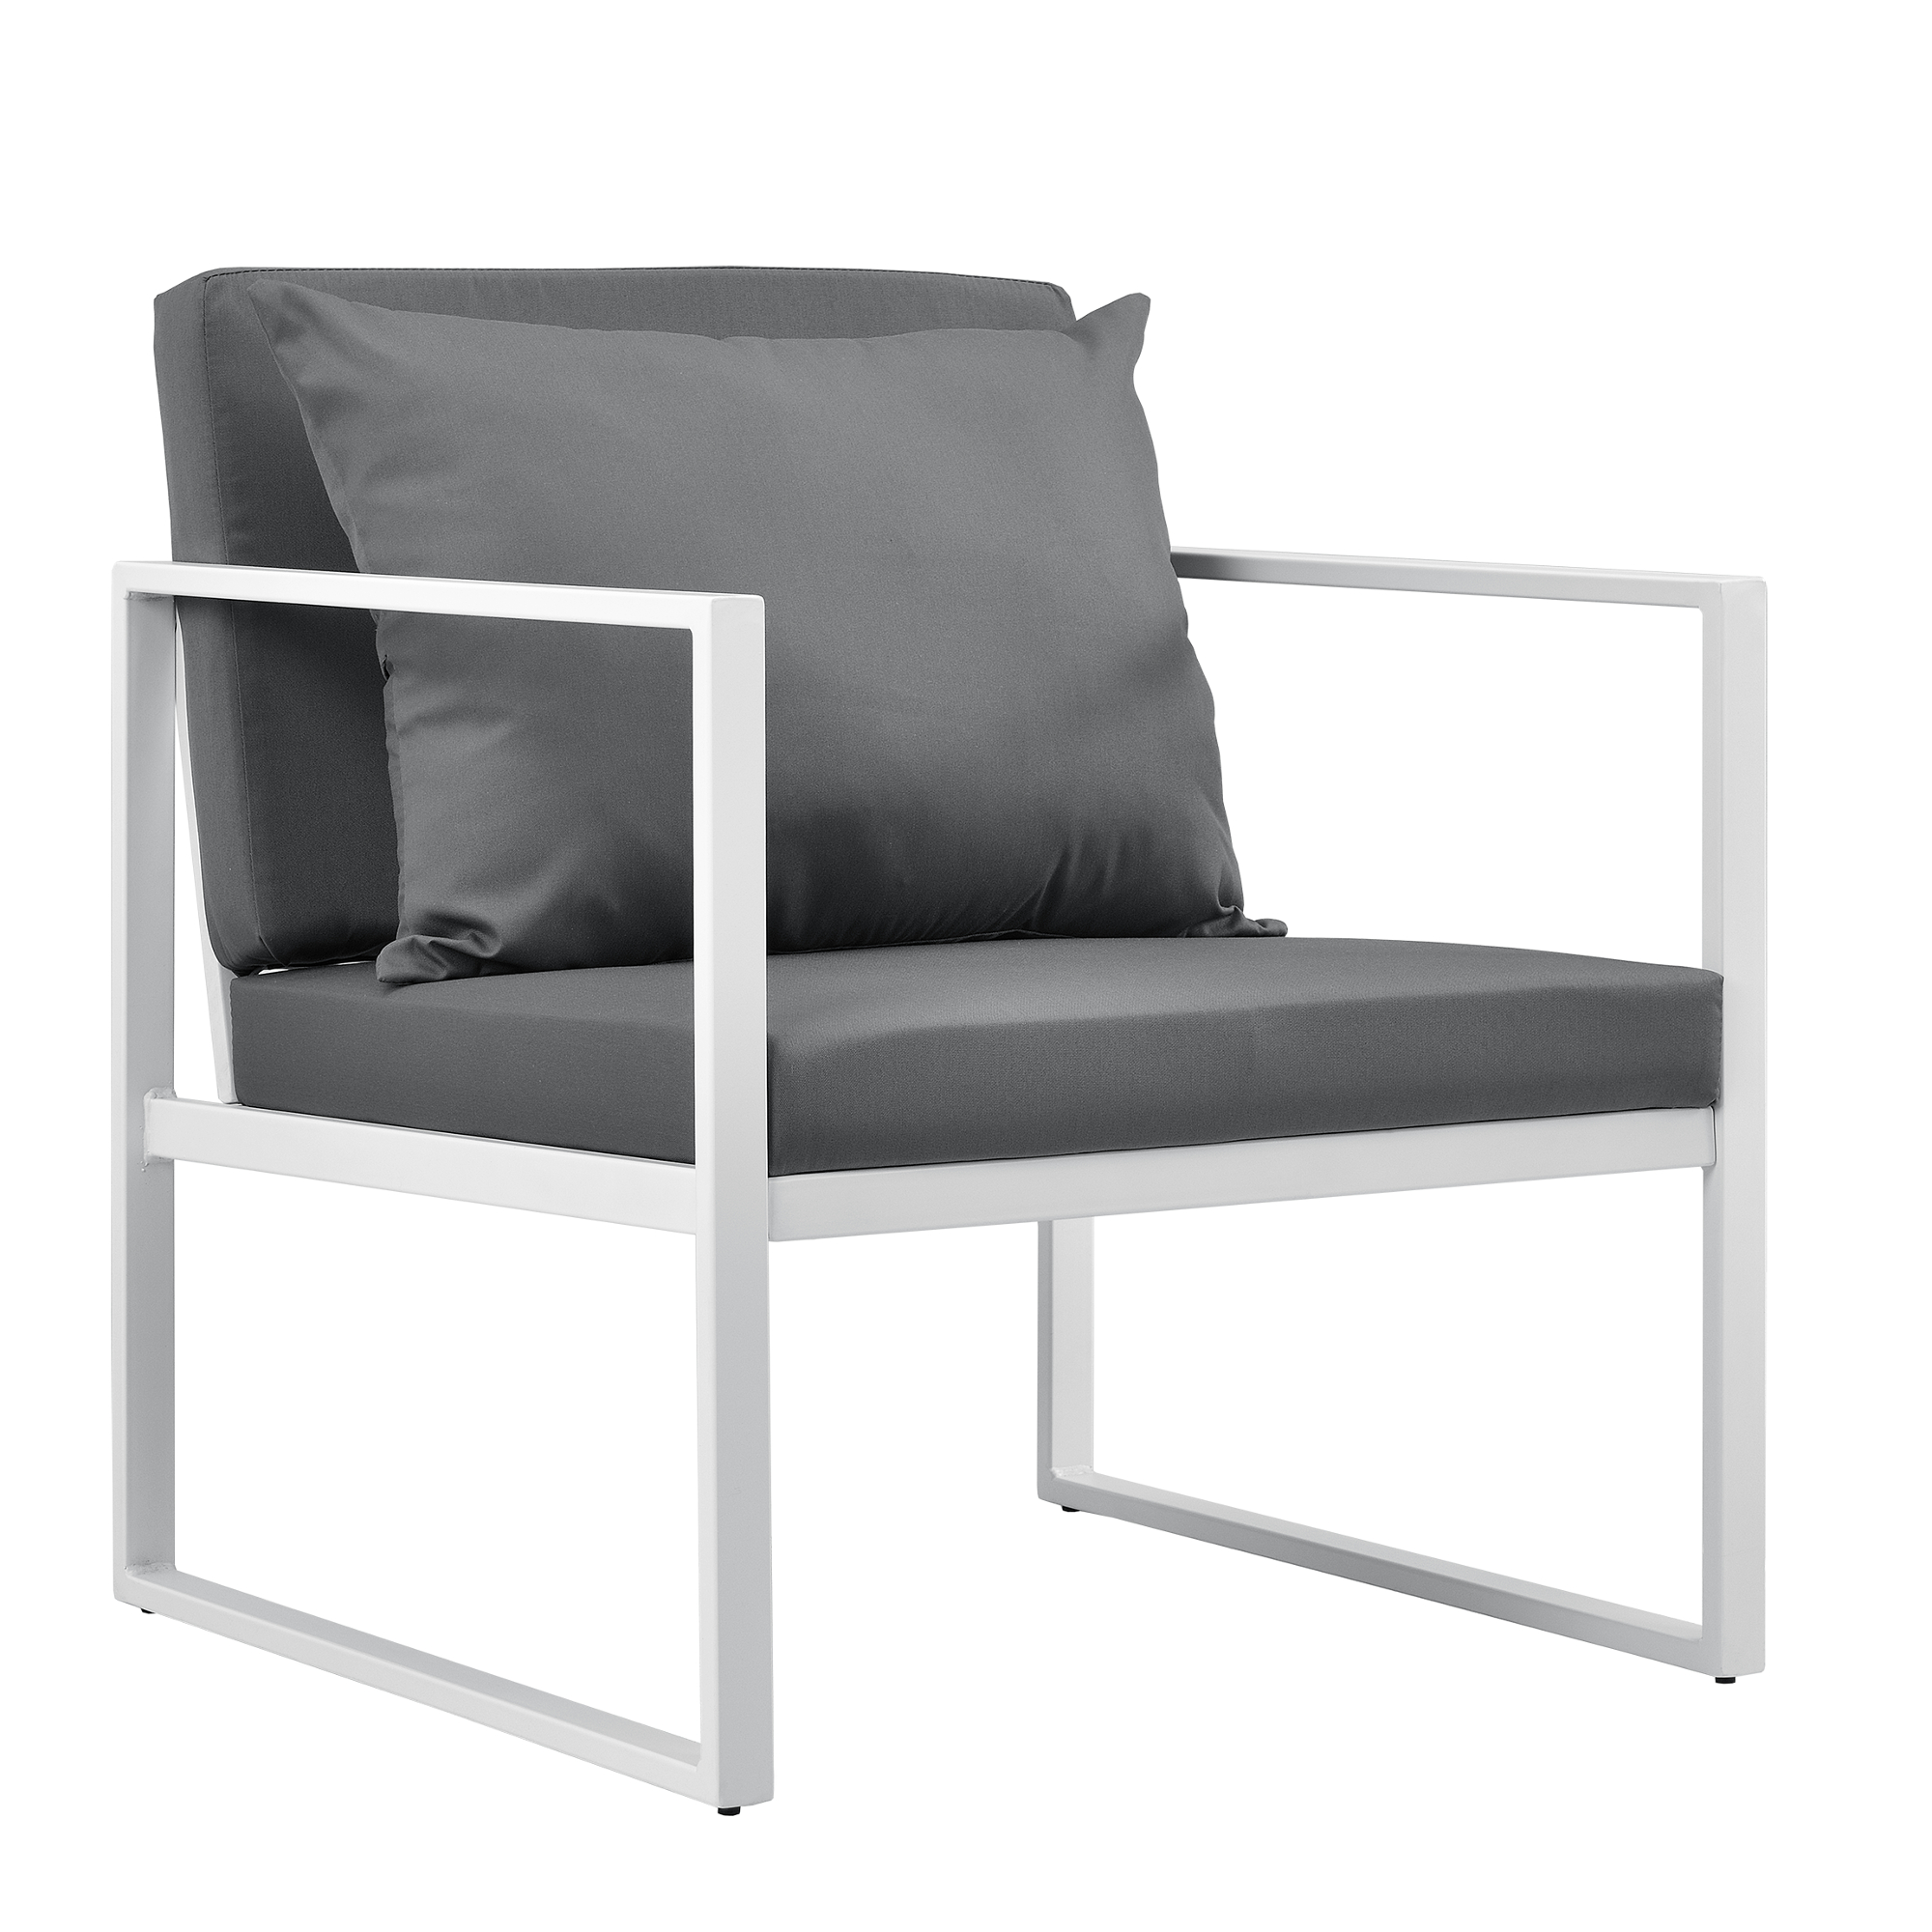 Détails sur Casa.pro 2x Chaise de Jardin Blanc - Gris Extérieur Salon  Fauteuil